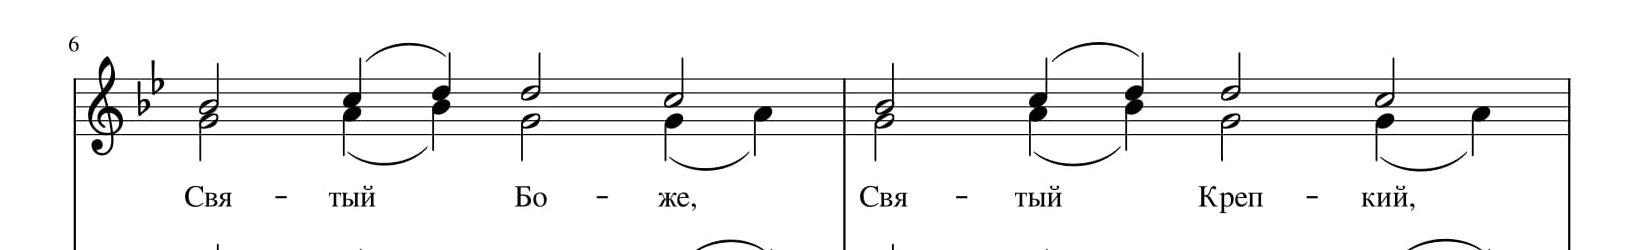 Трисвятое. Знаменный распев. Изложение Ледковского